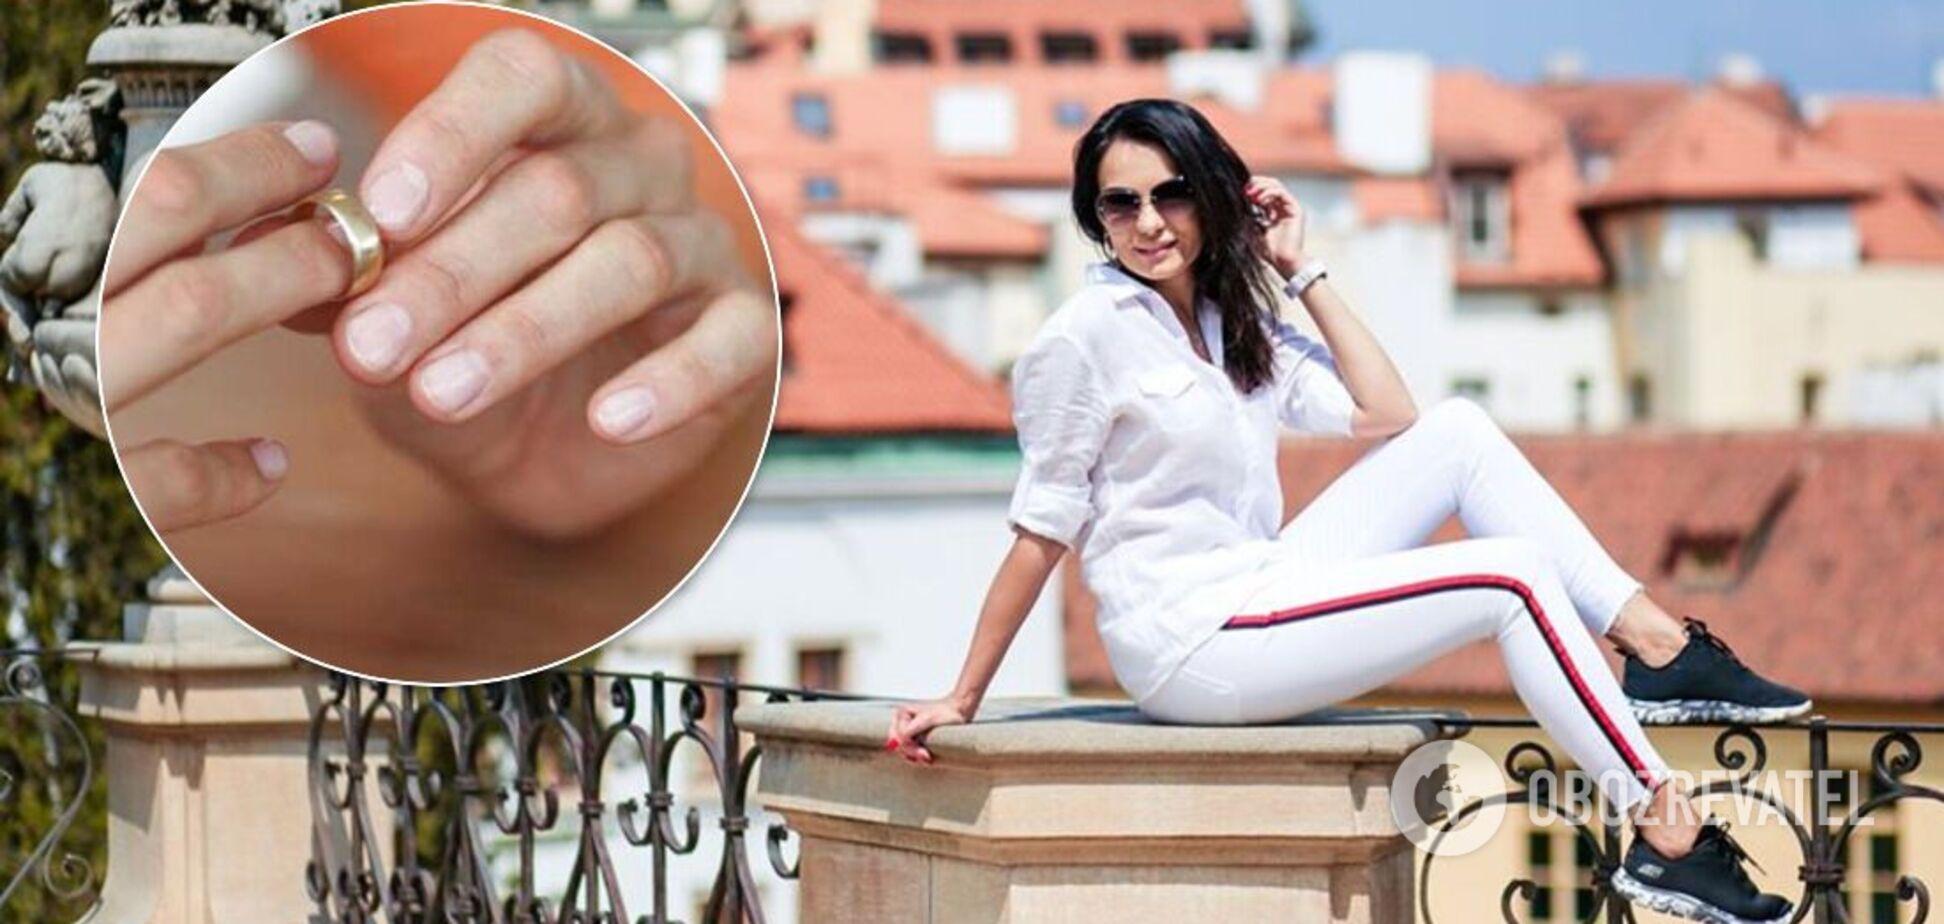 Стилистка Татьяна Бернер не может видеться с сыном из-за конфликта с мужем